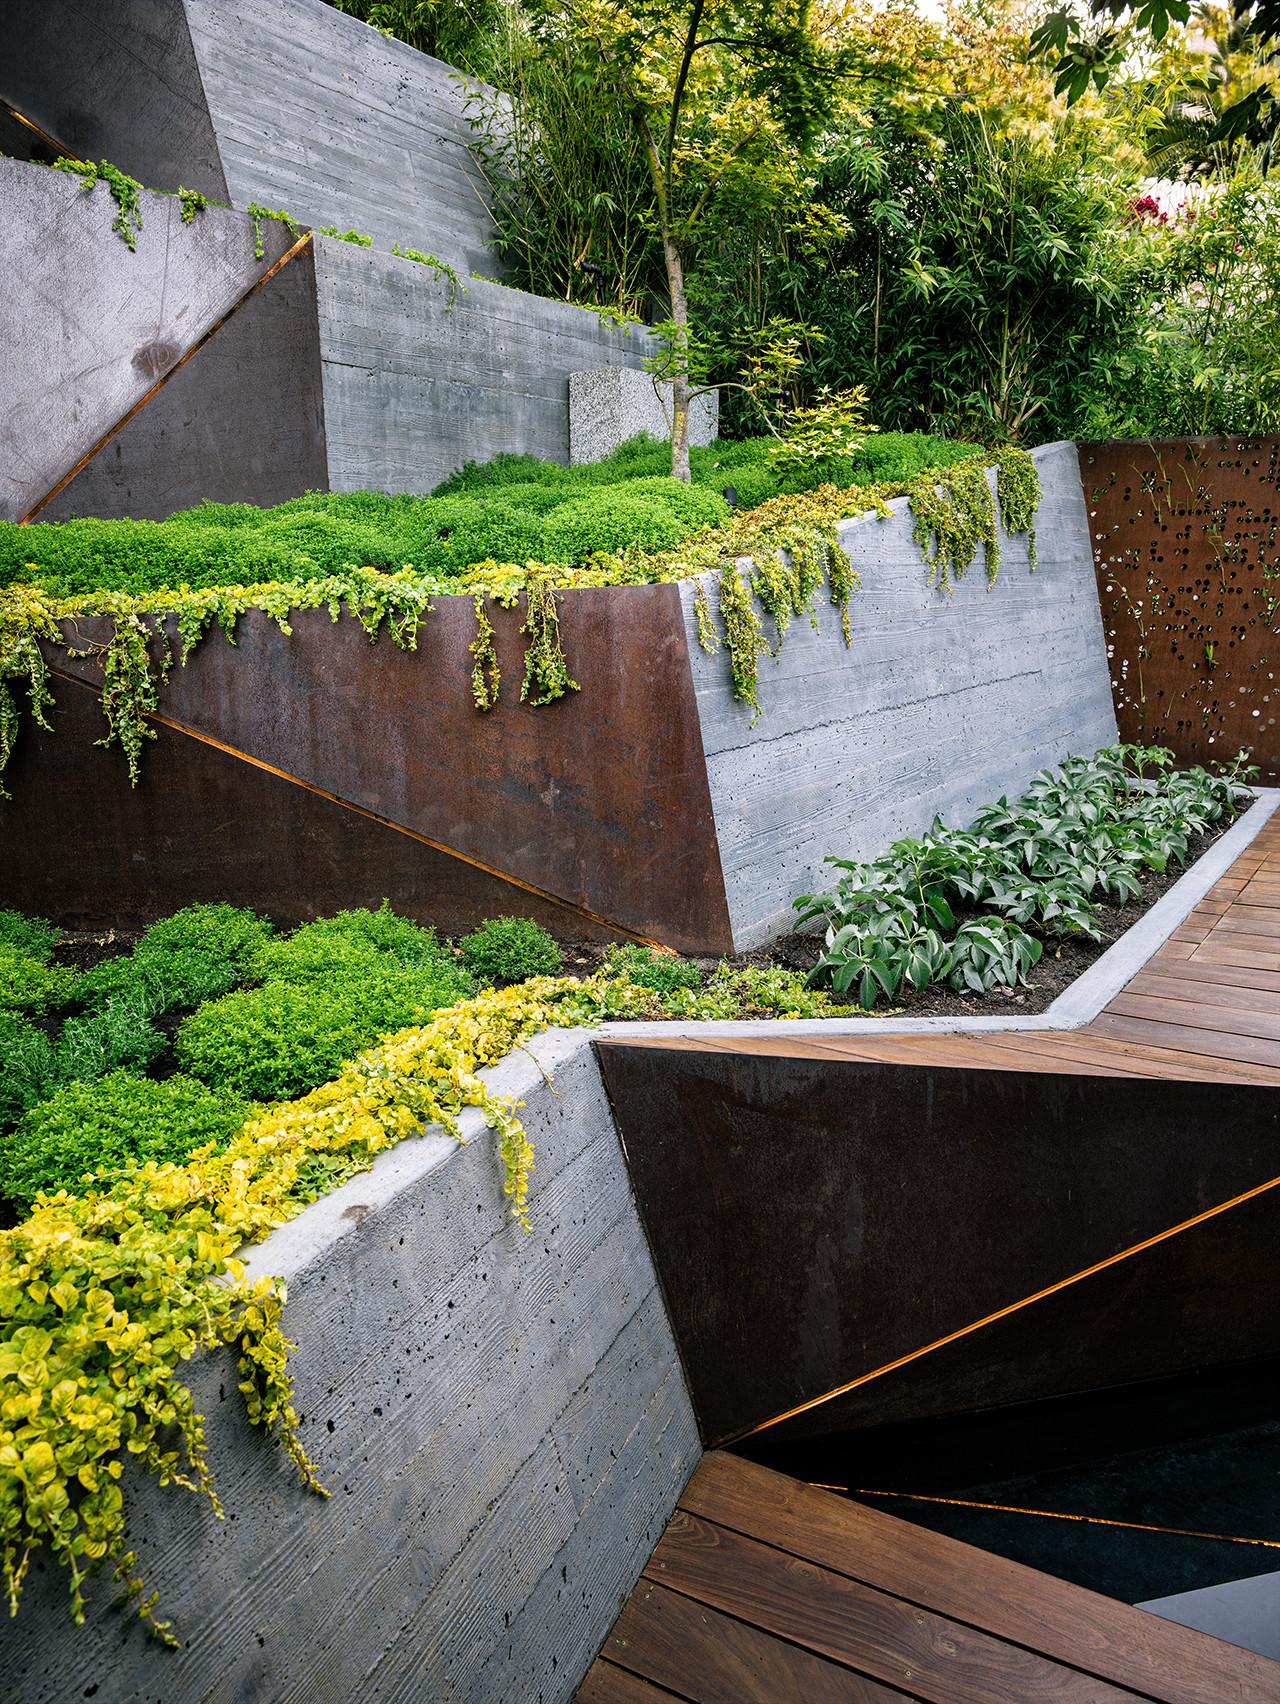 Galer a de arquitectura y paisaje hilgard garden una for Arquitectura del paisaje